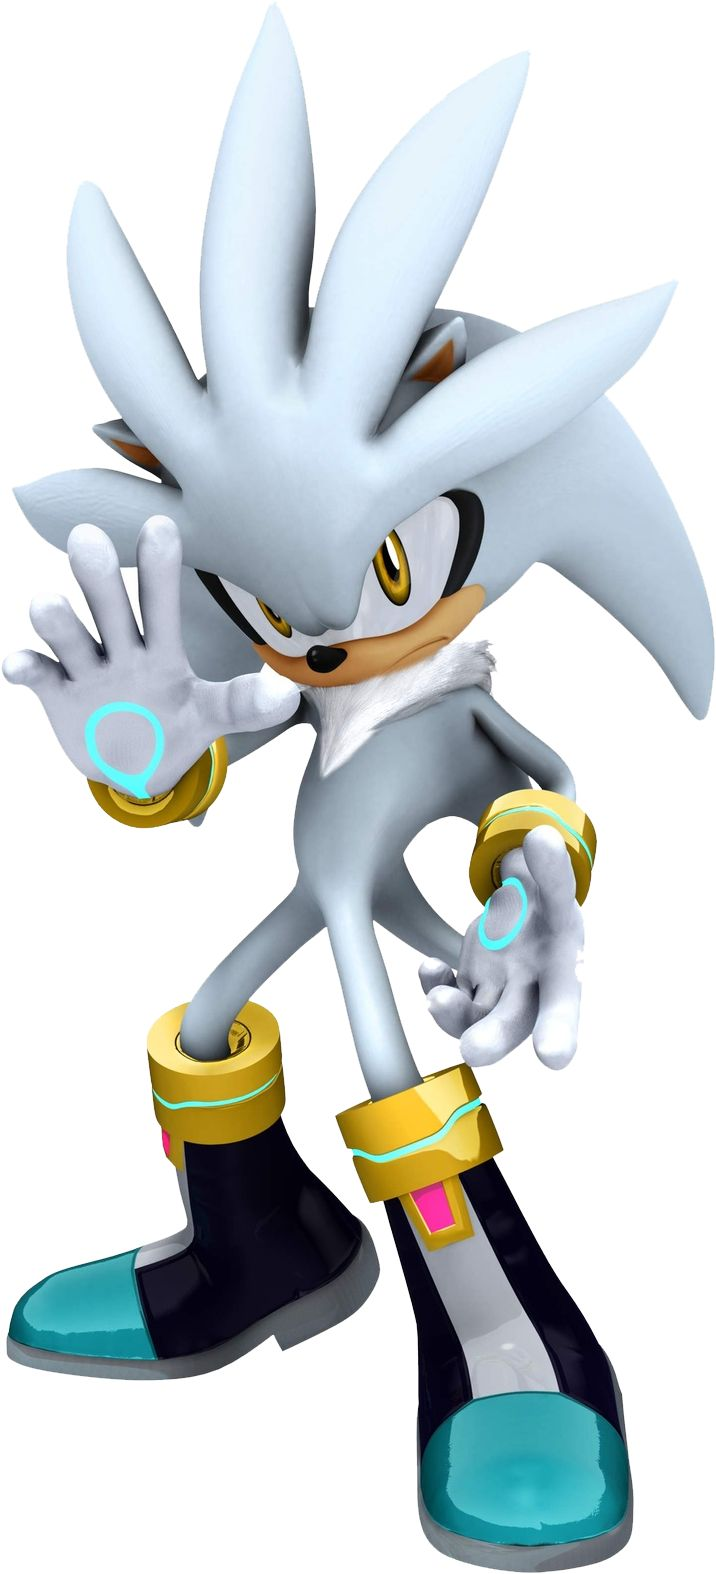 Super Silver The Hedgehog   Todos los renders de Sonic - Taringa!